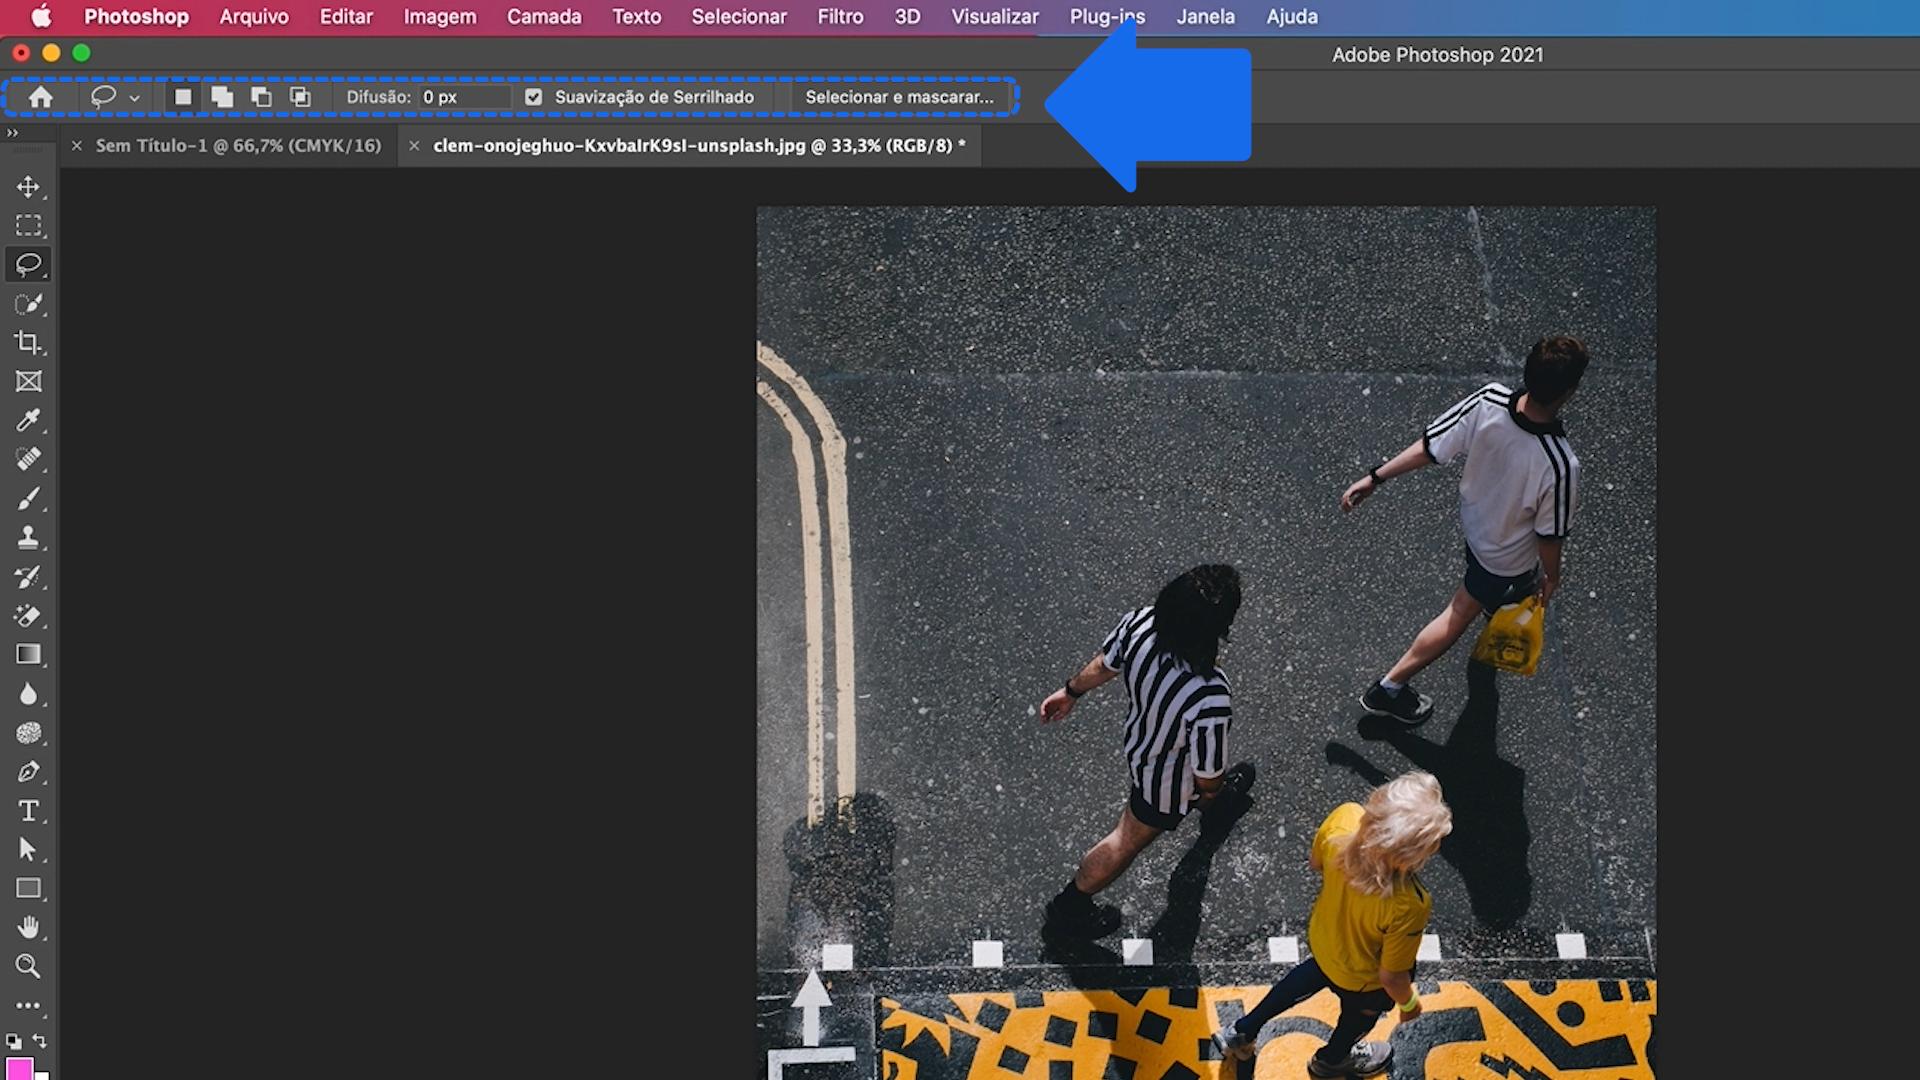 Como funciona a barra de opções do Photoshop